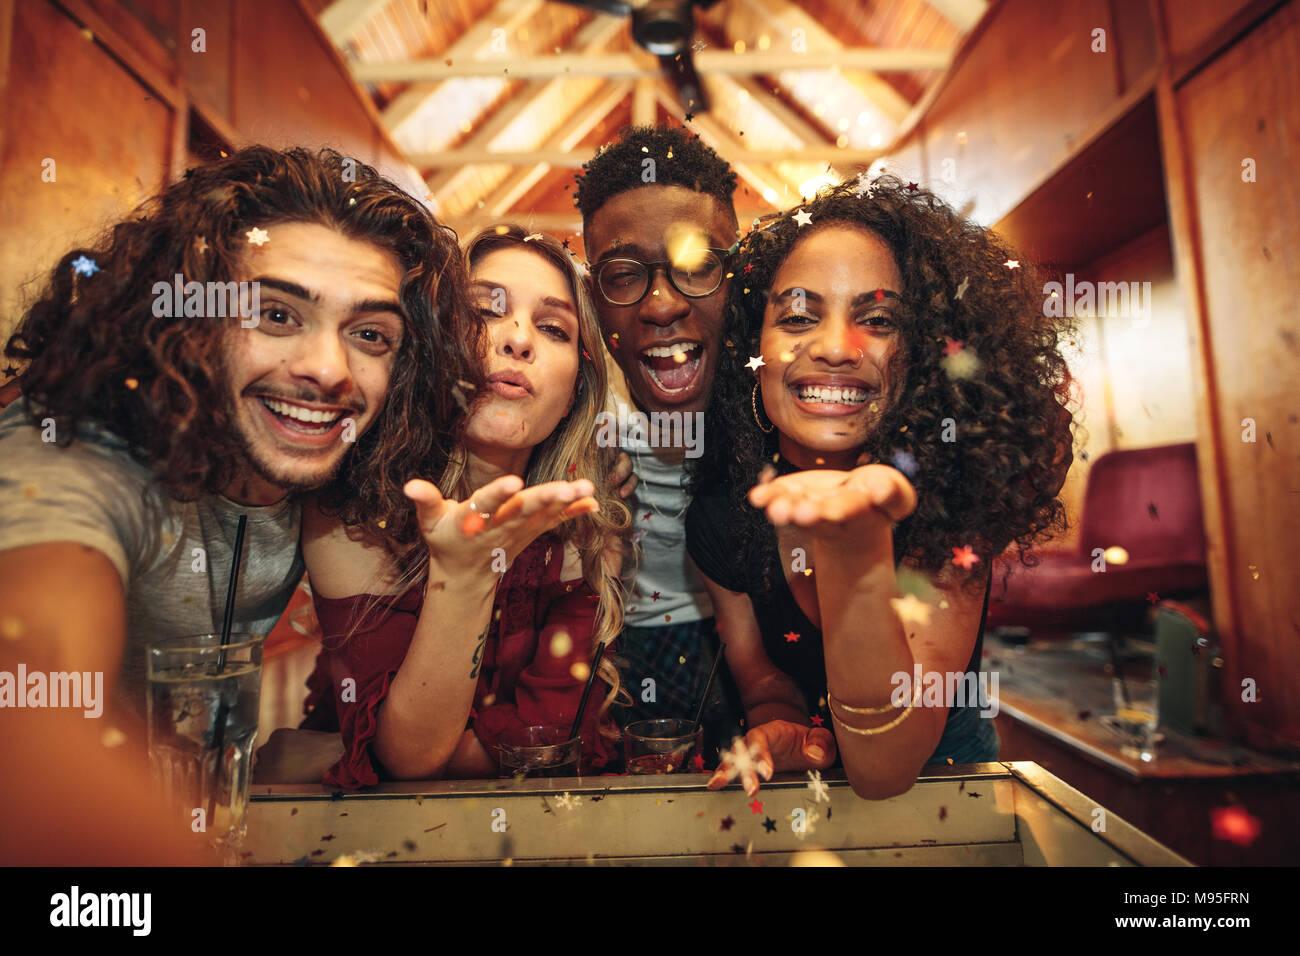 Gruppo di amici godendo di un partito e soffiaggio di coriandoli. Gli uomini e le donne cattura il divertimento in selfie al night club. Immagini Stock